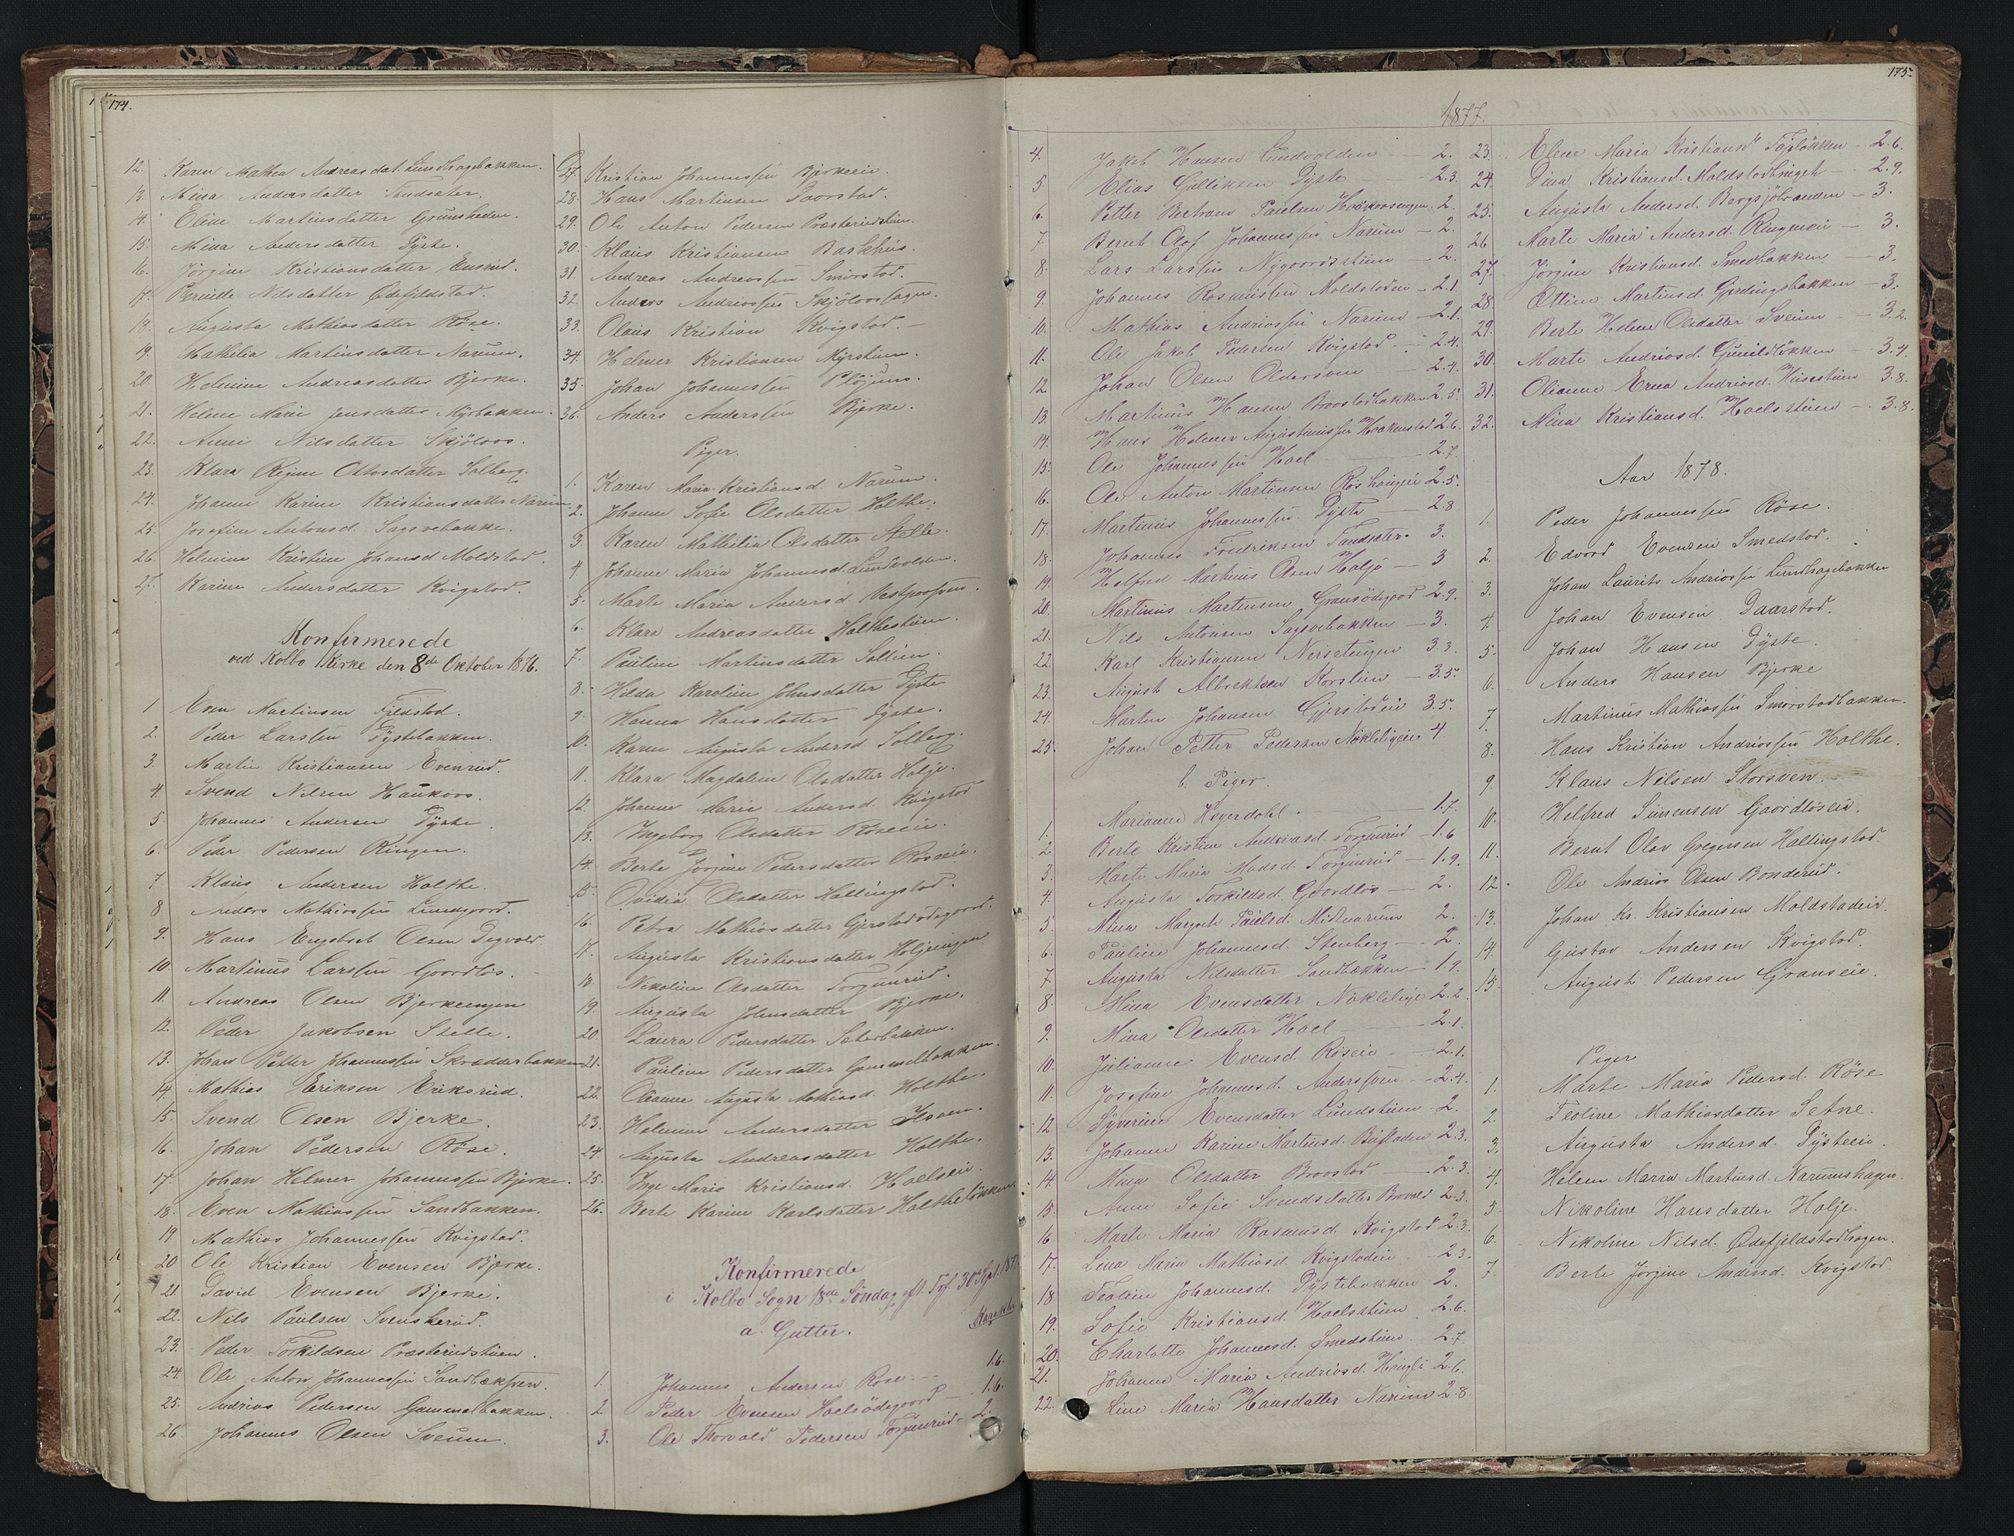 SAH, Vestre Toten prestekontor, H/Ha/Hab/L0007: Klokkerbok nr. 7, 1872-1900, s. 174-175